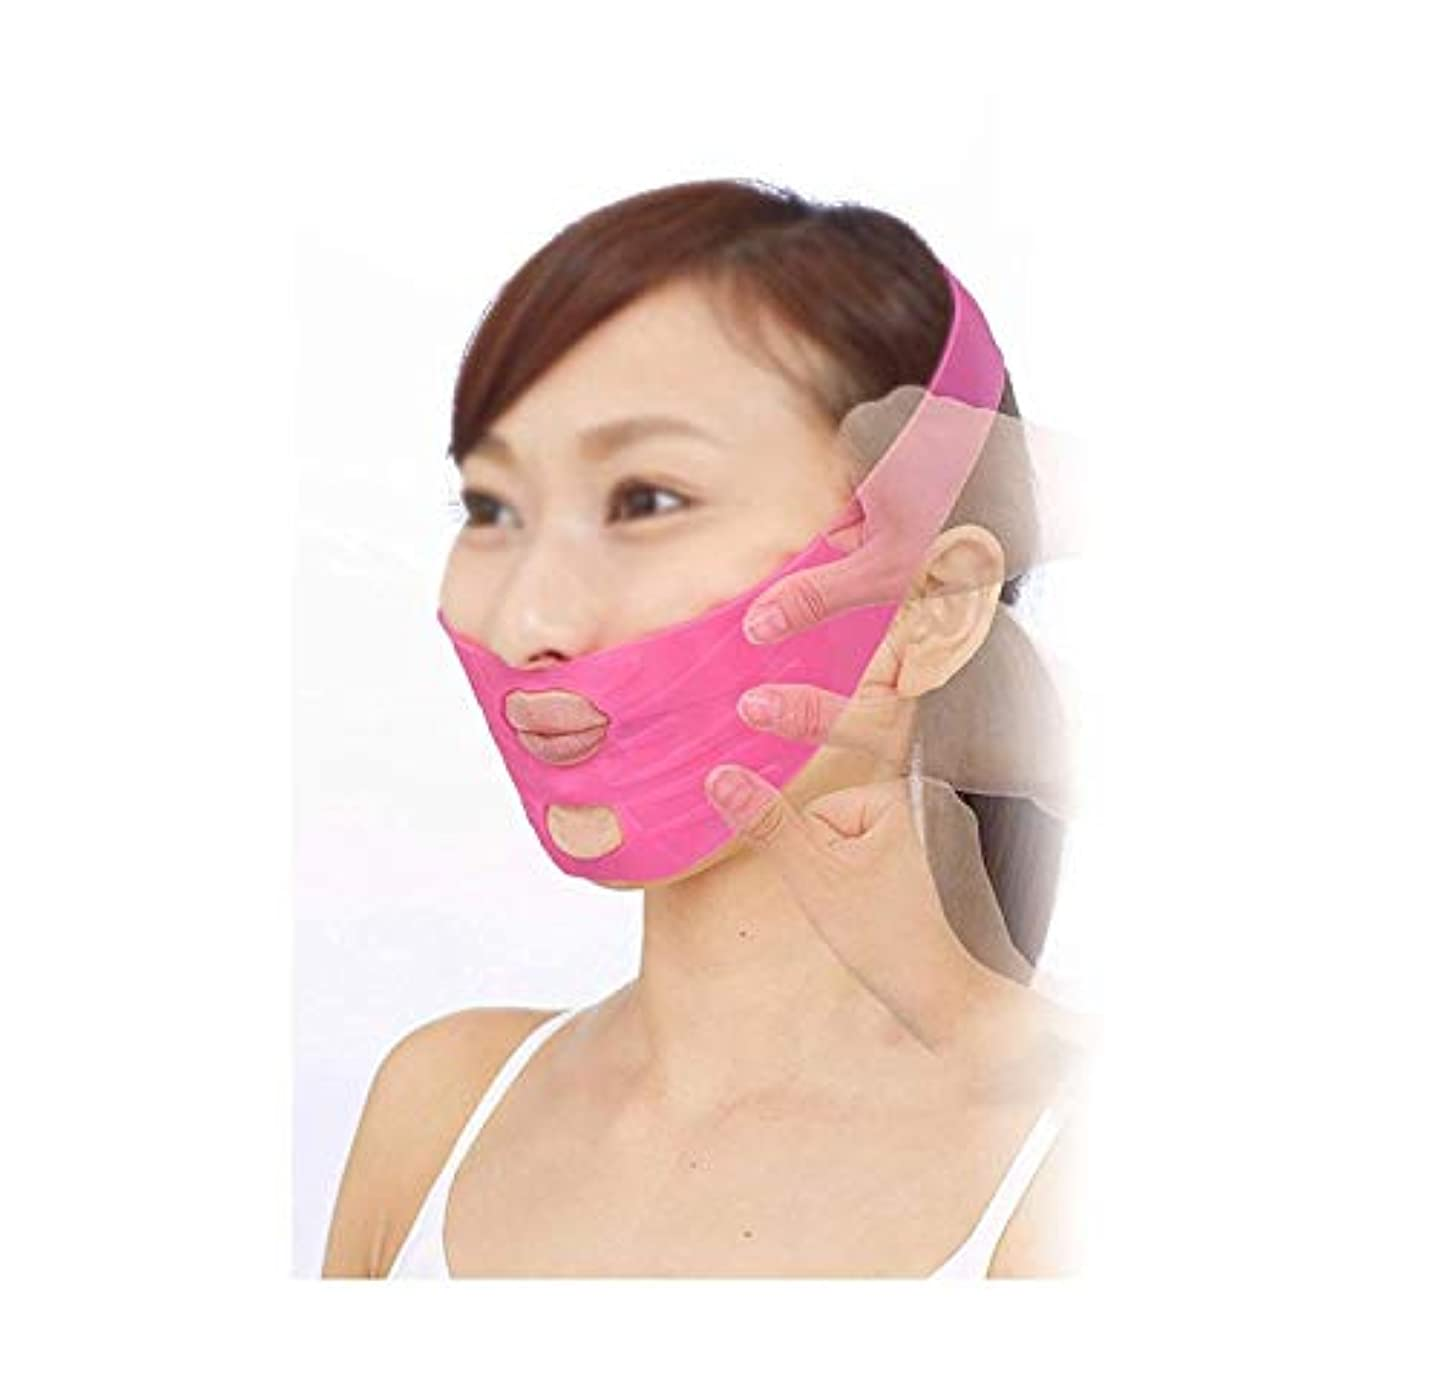 力強い一貫したコントラストフェイシャルマスク、フェイスリフティングアーティファクトフェイスマスク垂れ顔SサイズVフェイス包帯通気性スリーピングフェイスダブルチンチンセットスリープ弾性スリミングベルト